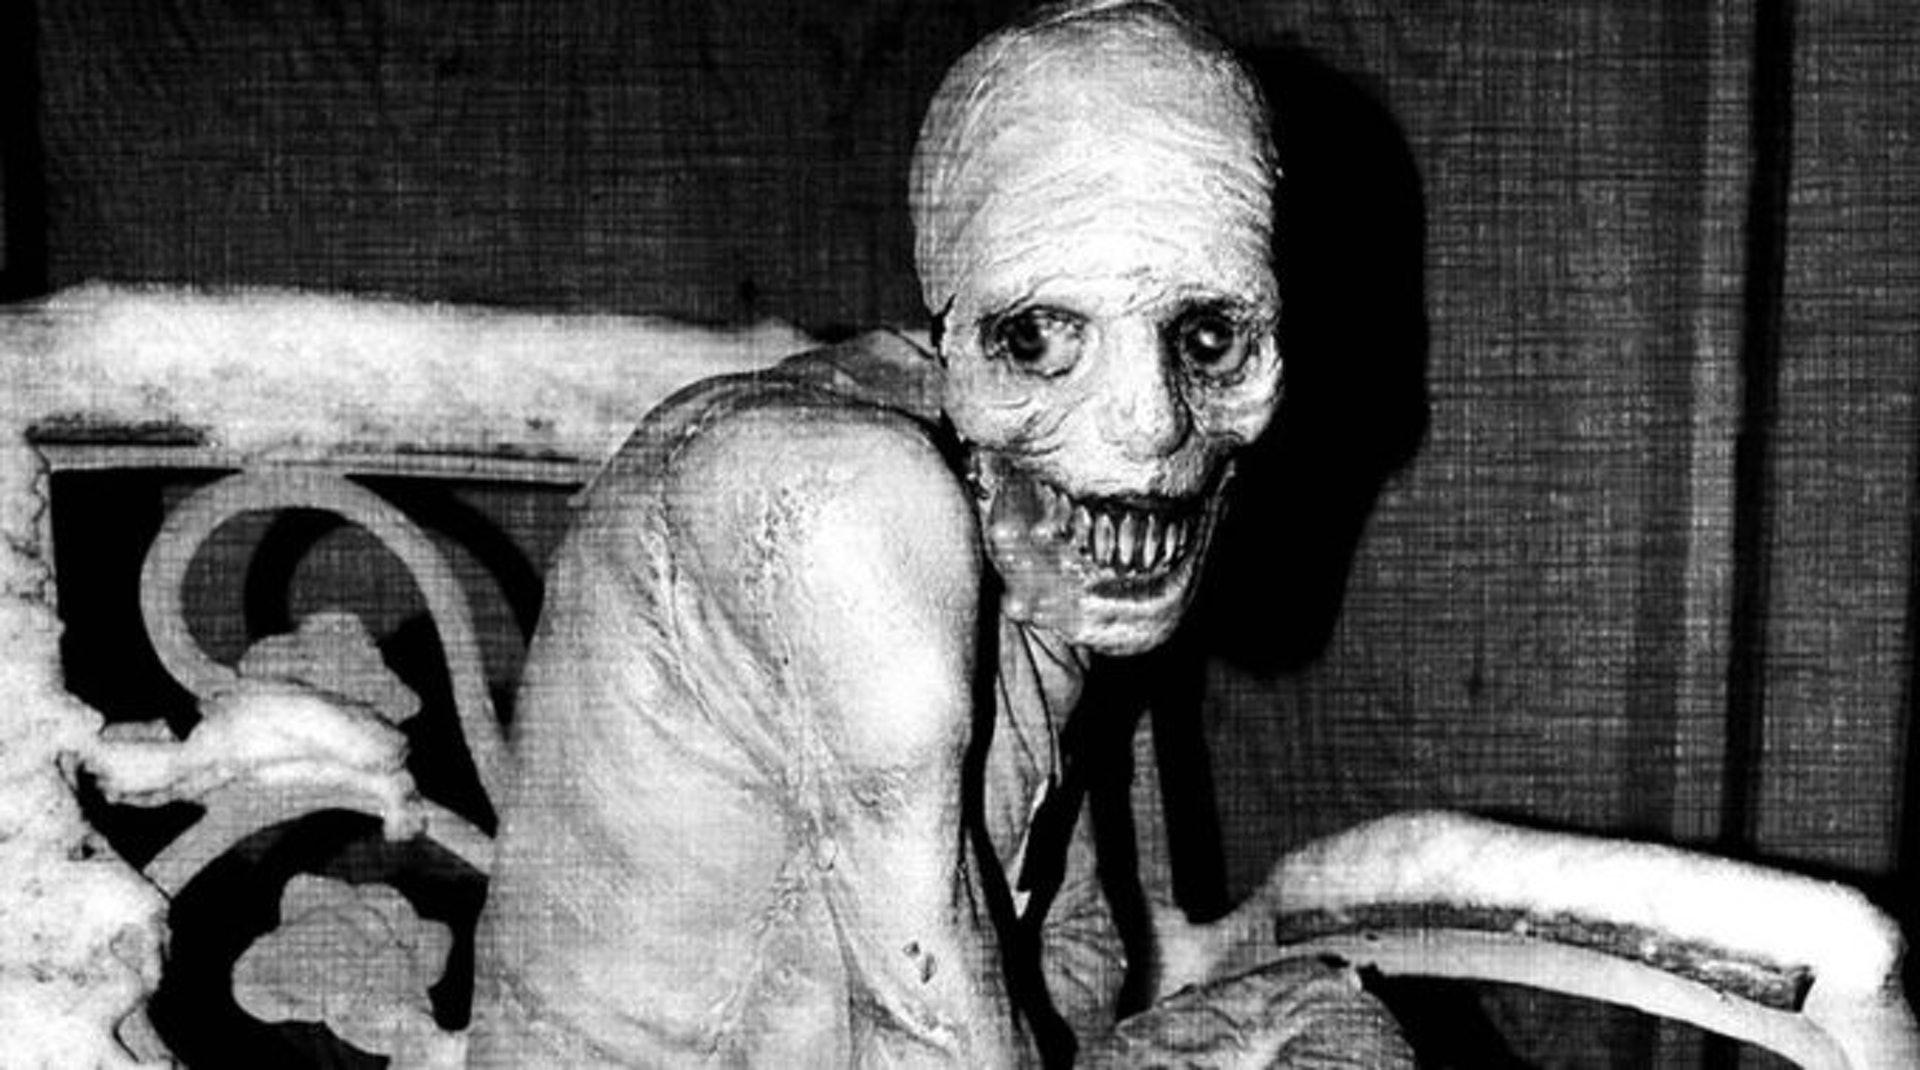 俄羅斯睡眠實驗的圖片搜尋結果